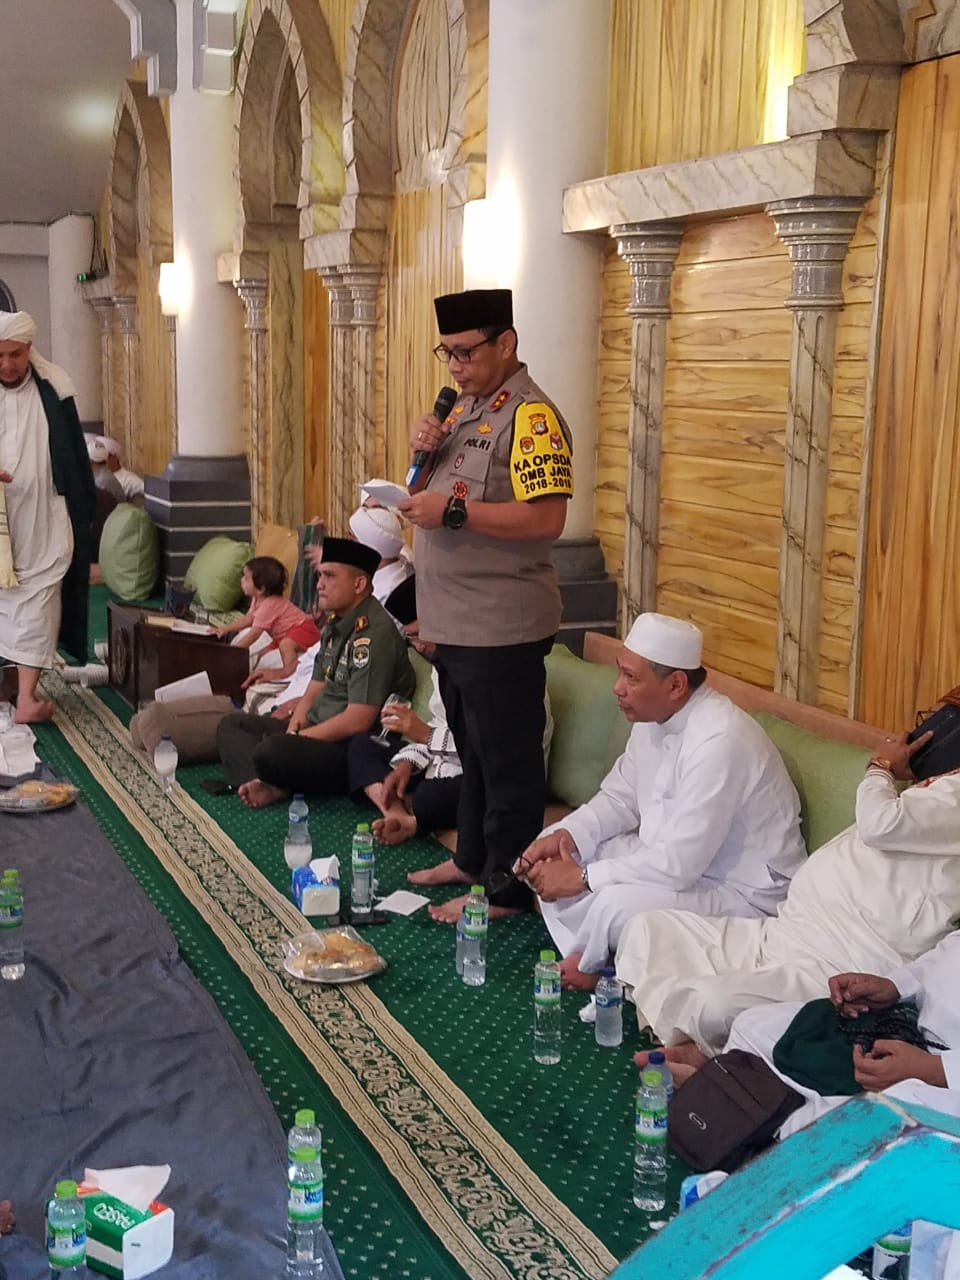 Kapolda Metro Jaya, Irjen Pol Drs Gatot Eddy SIK.,MSi : HABIB JINDAN DAN HABAIT YANG LAIN NYA ADALAH GURU SAYA